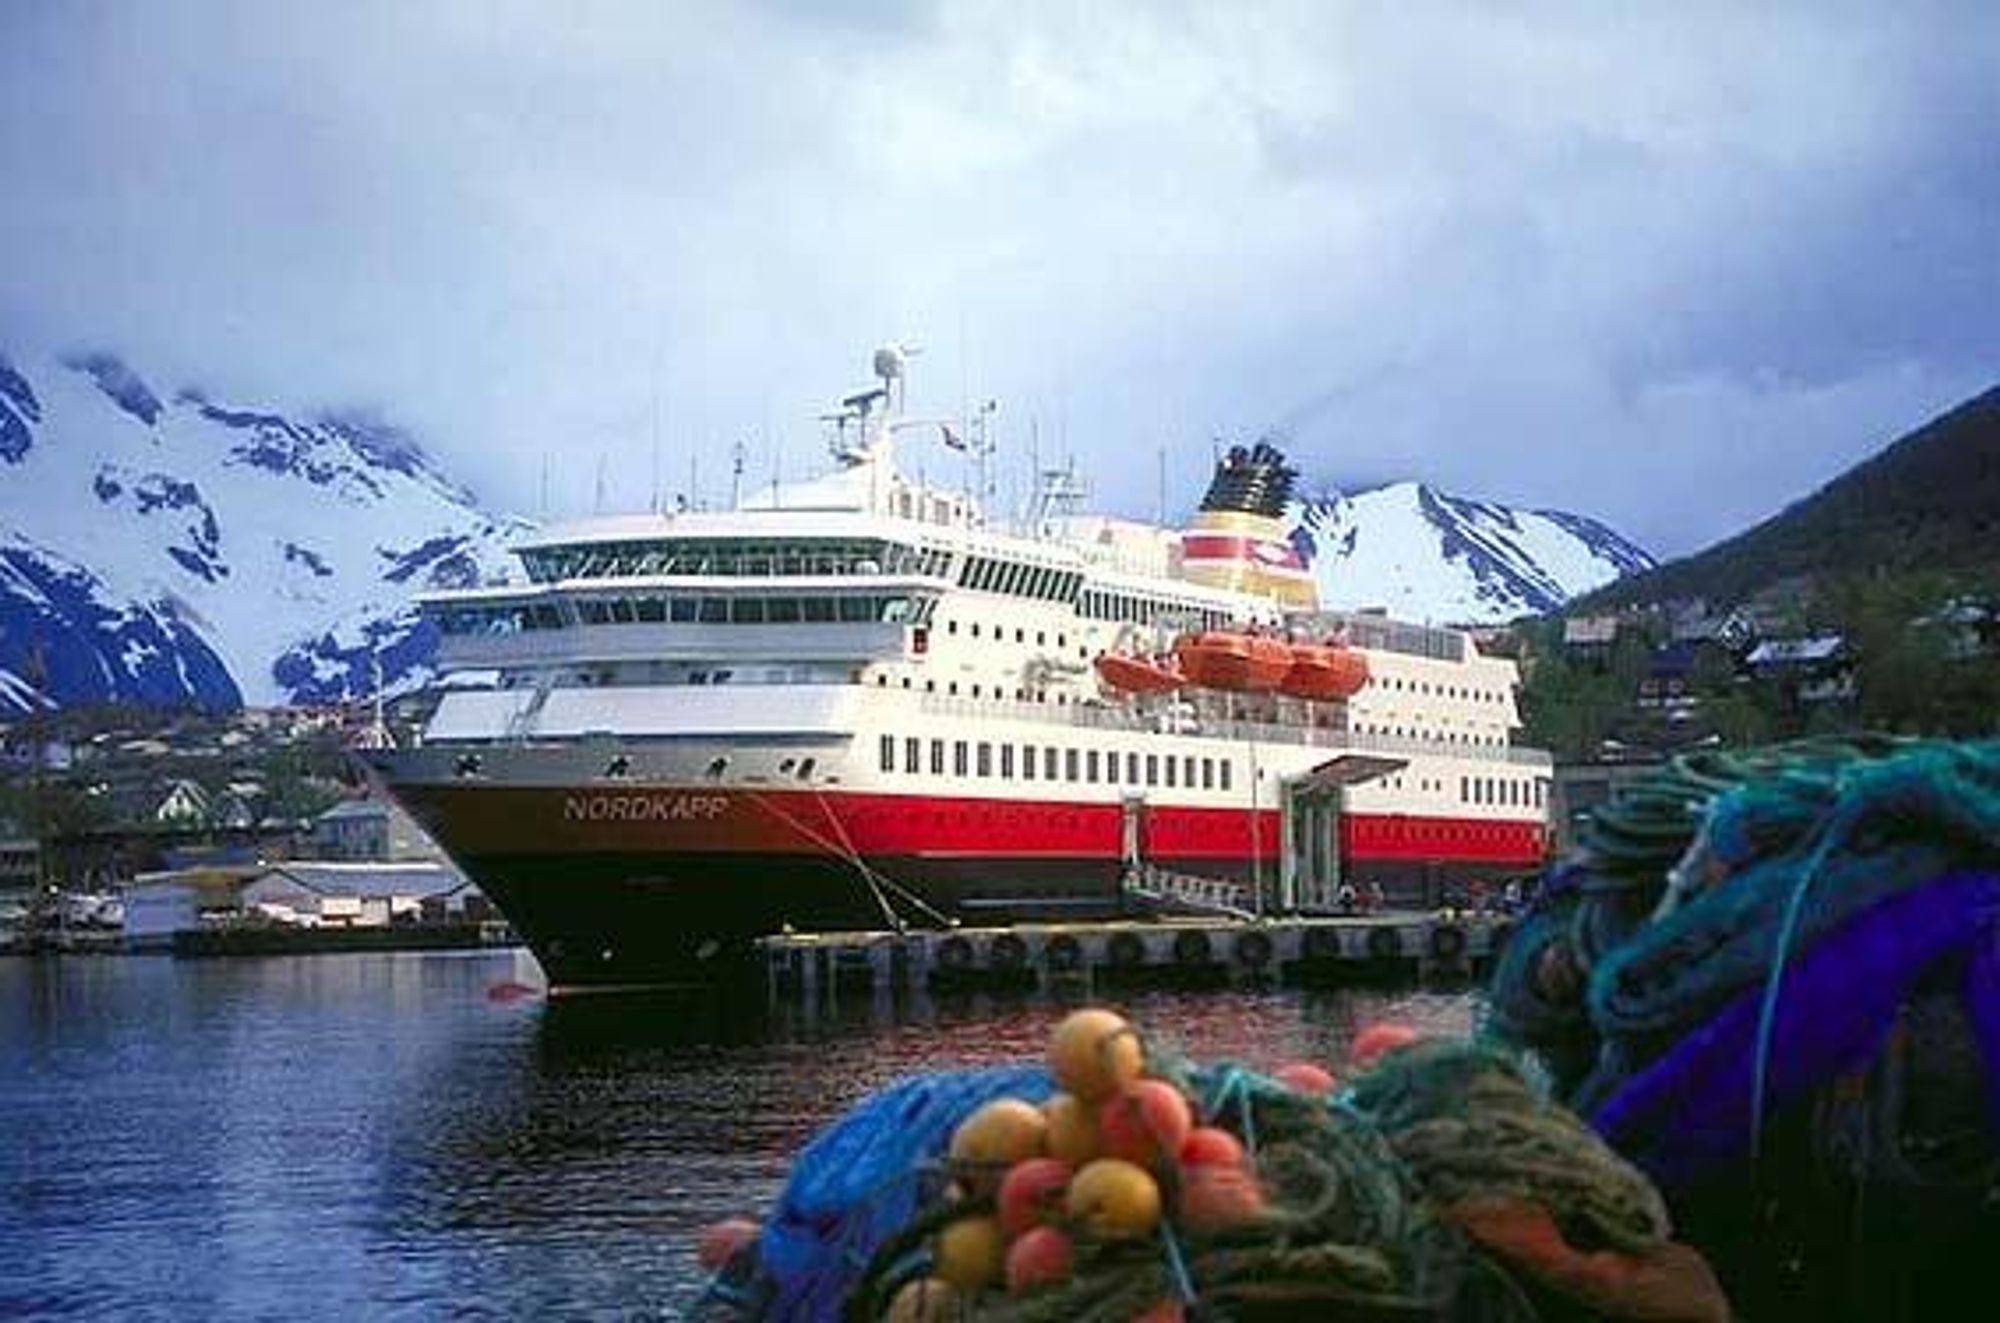 MS Nordkapp fikk en arbeidsulykke i forbindelse med en livbåtøvelse utenfor Ørnes. En omkom og to ble skadet.